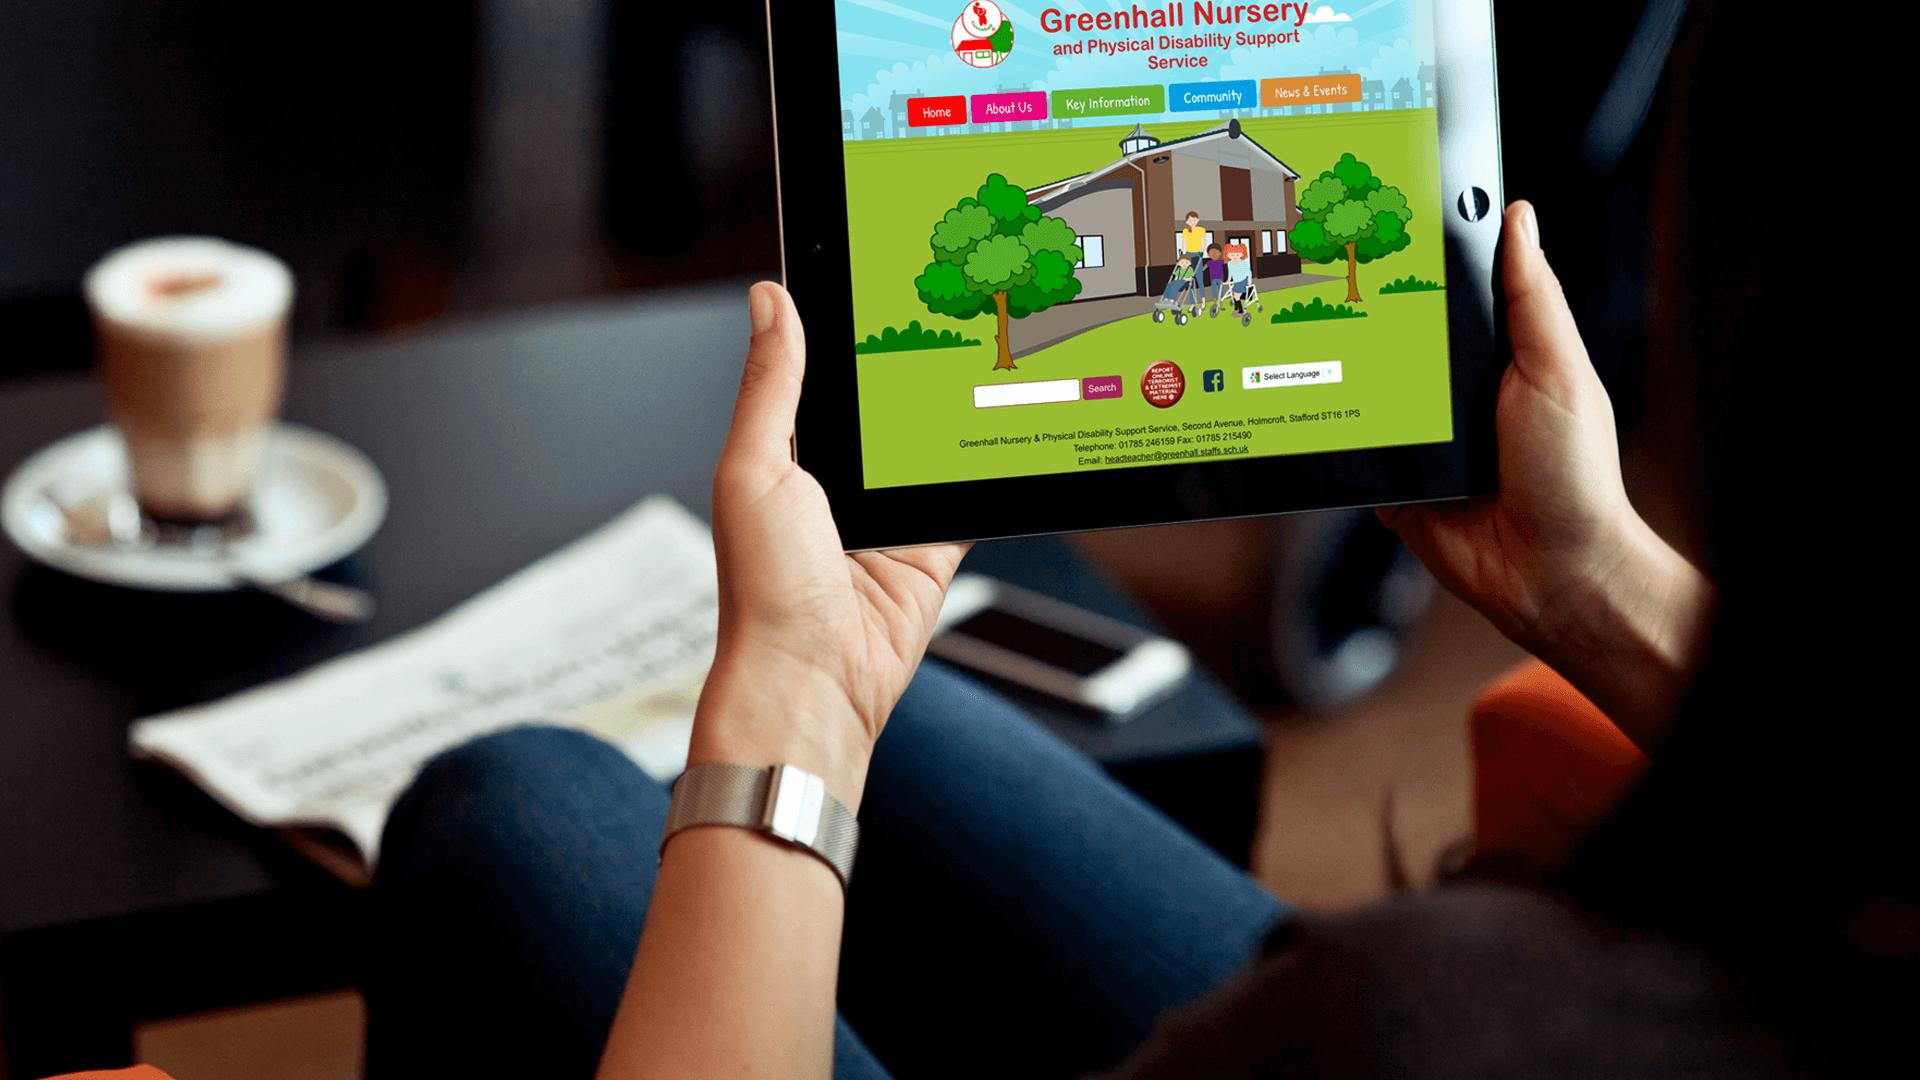 School website design by Content Caretaker